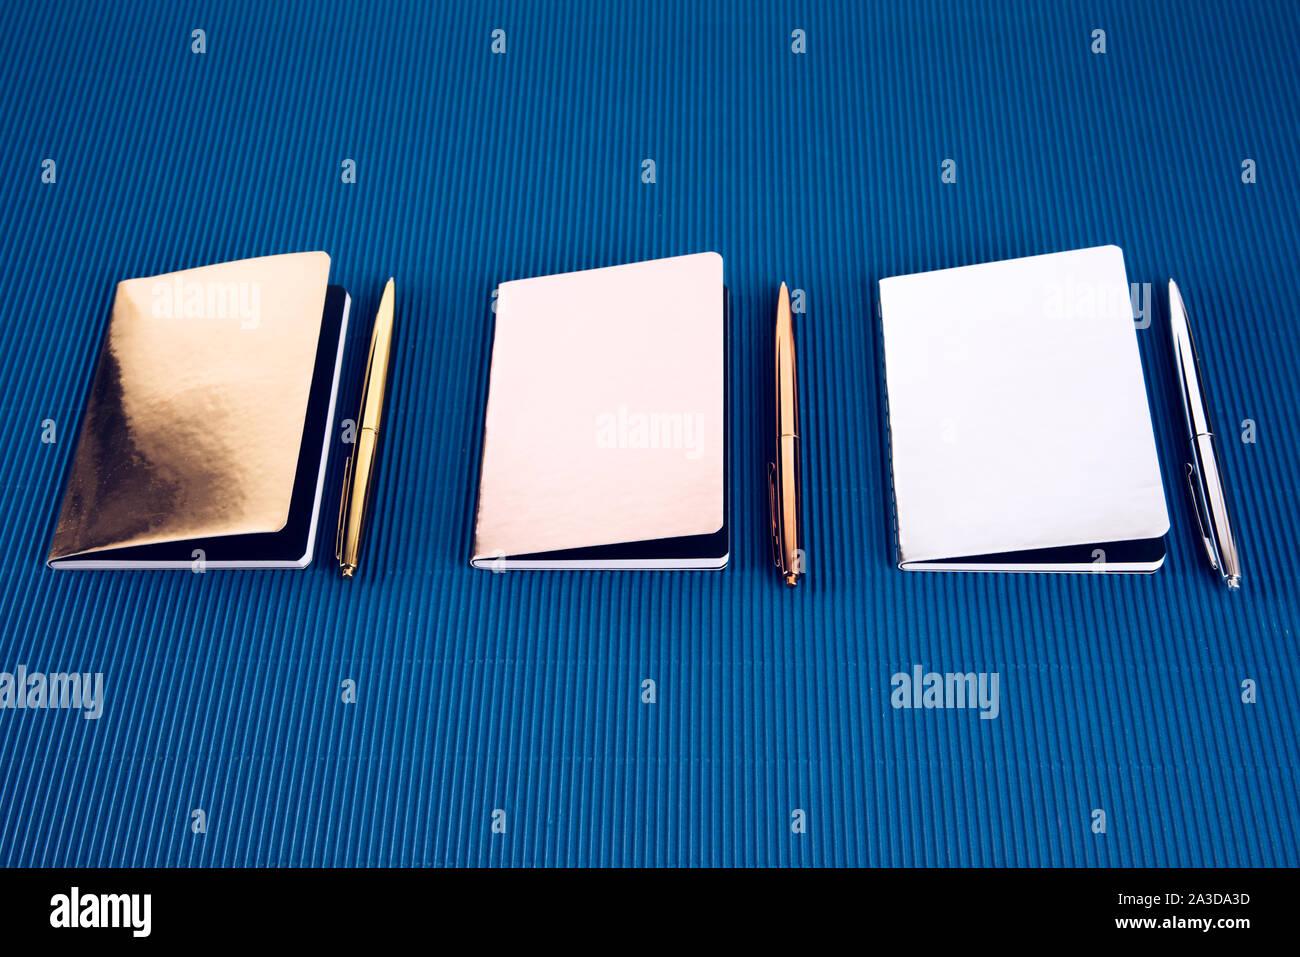 Parte di una serie che descrive in dettaglio di forniture scolastiche. Foto Stock